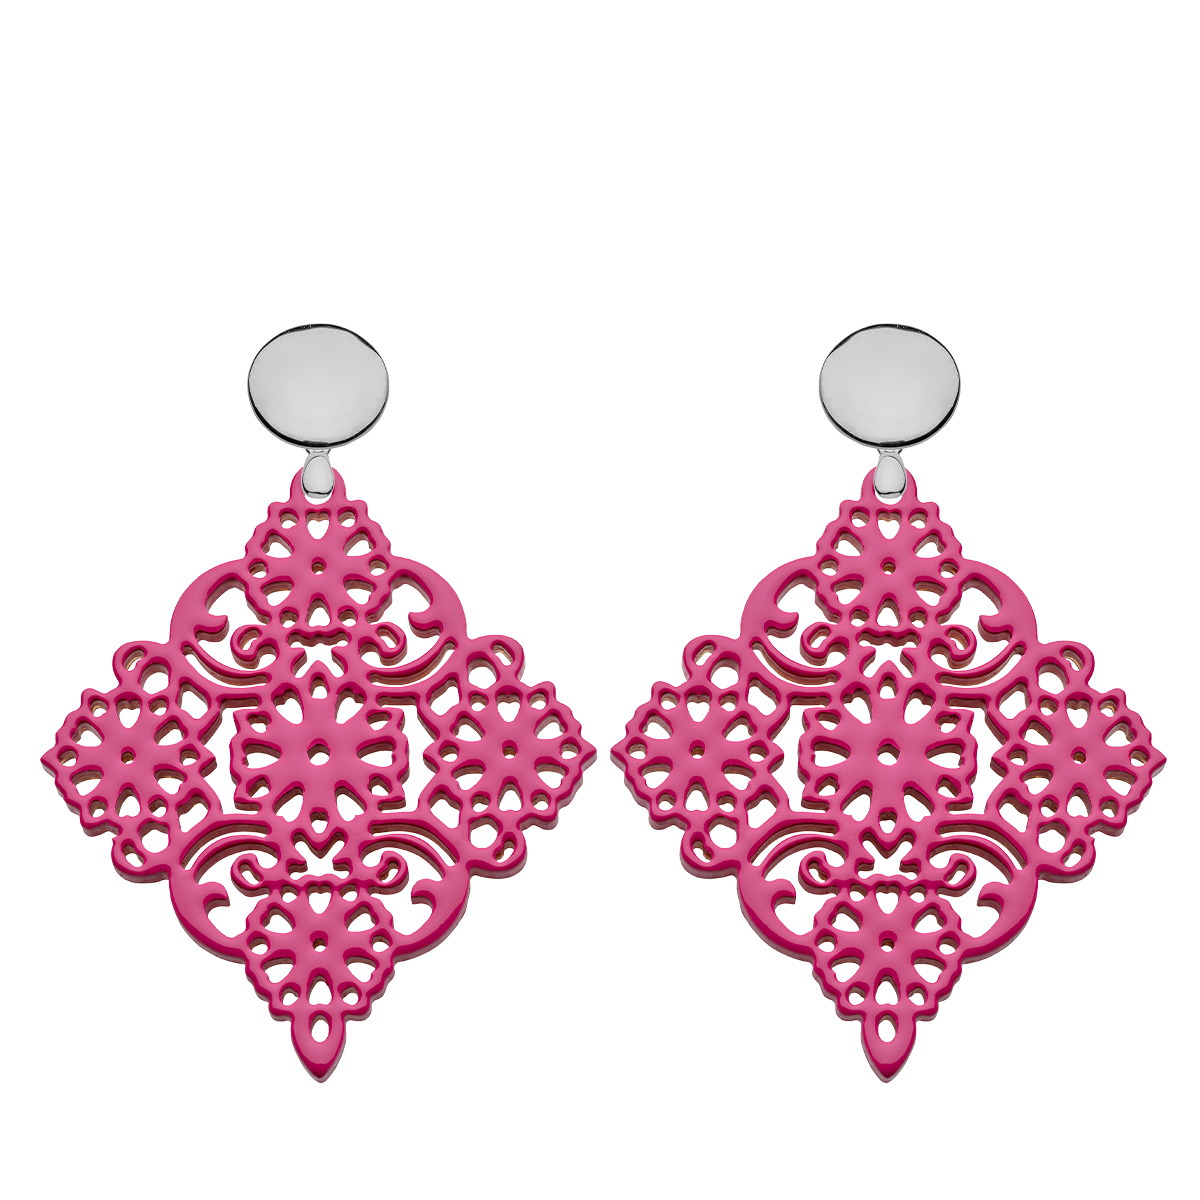 Ohrschmuck aus Horn in Pink mit Ornamenten mit Silberstecker aus der Sansibar Kollektion von Romy North